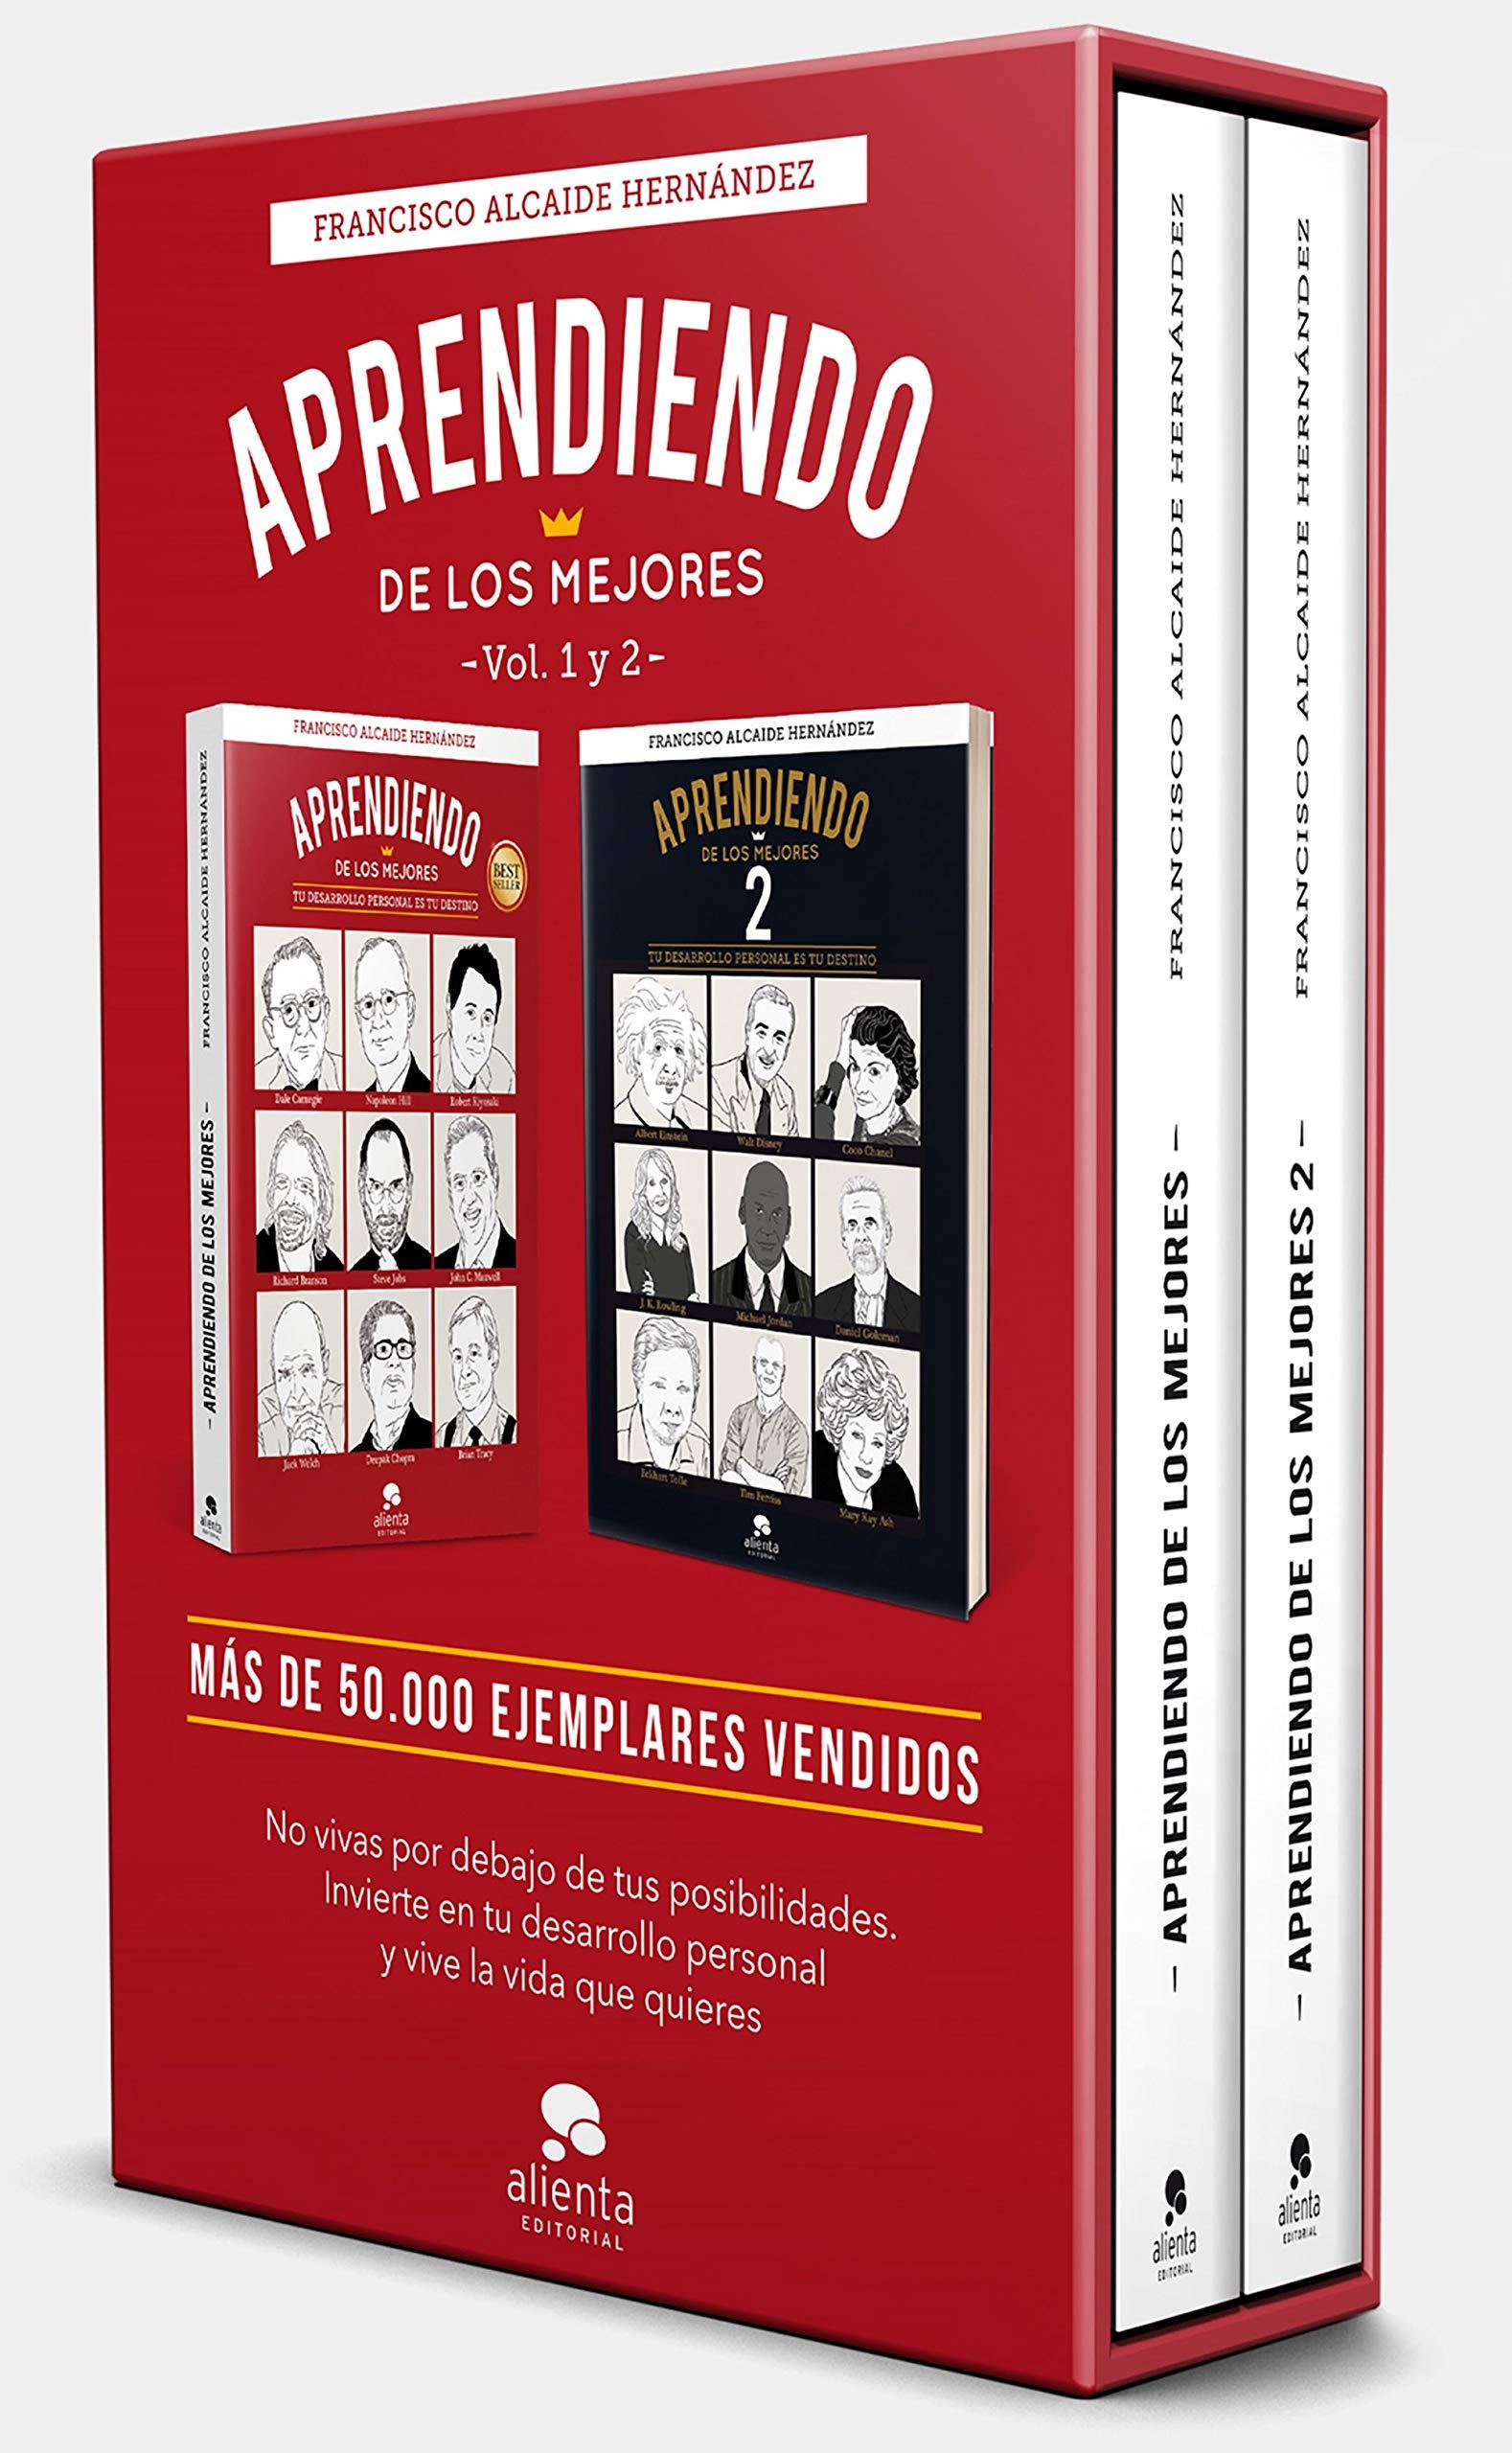 Estuche Aprendiendo de los mejores 1 y 2: Francisco Alcaide ...